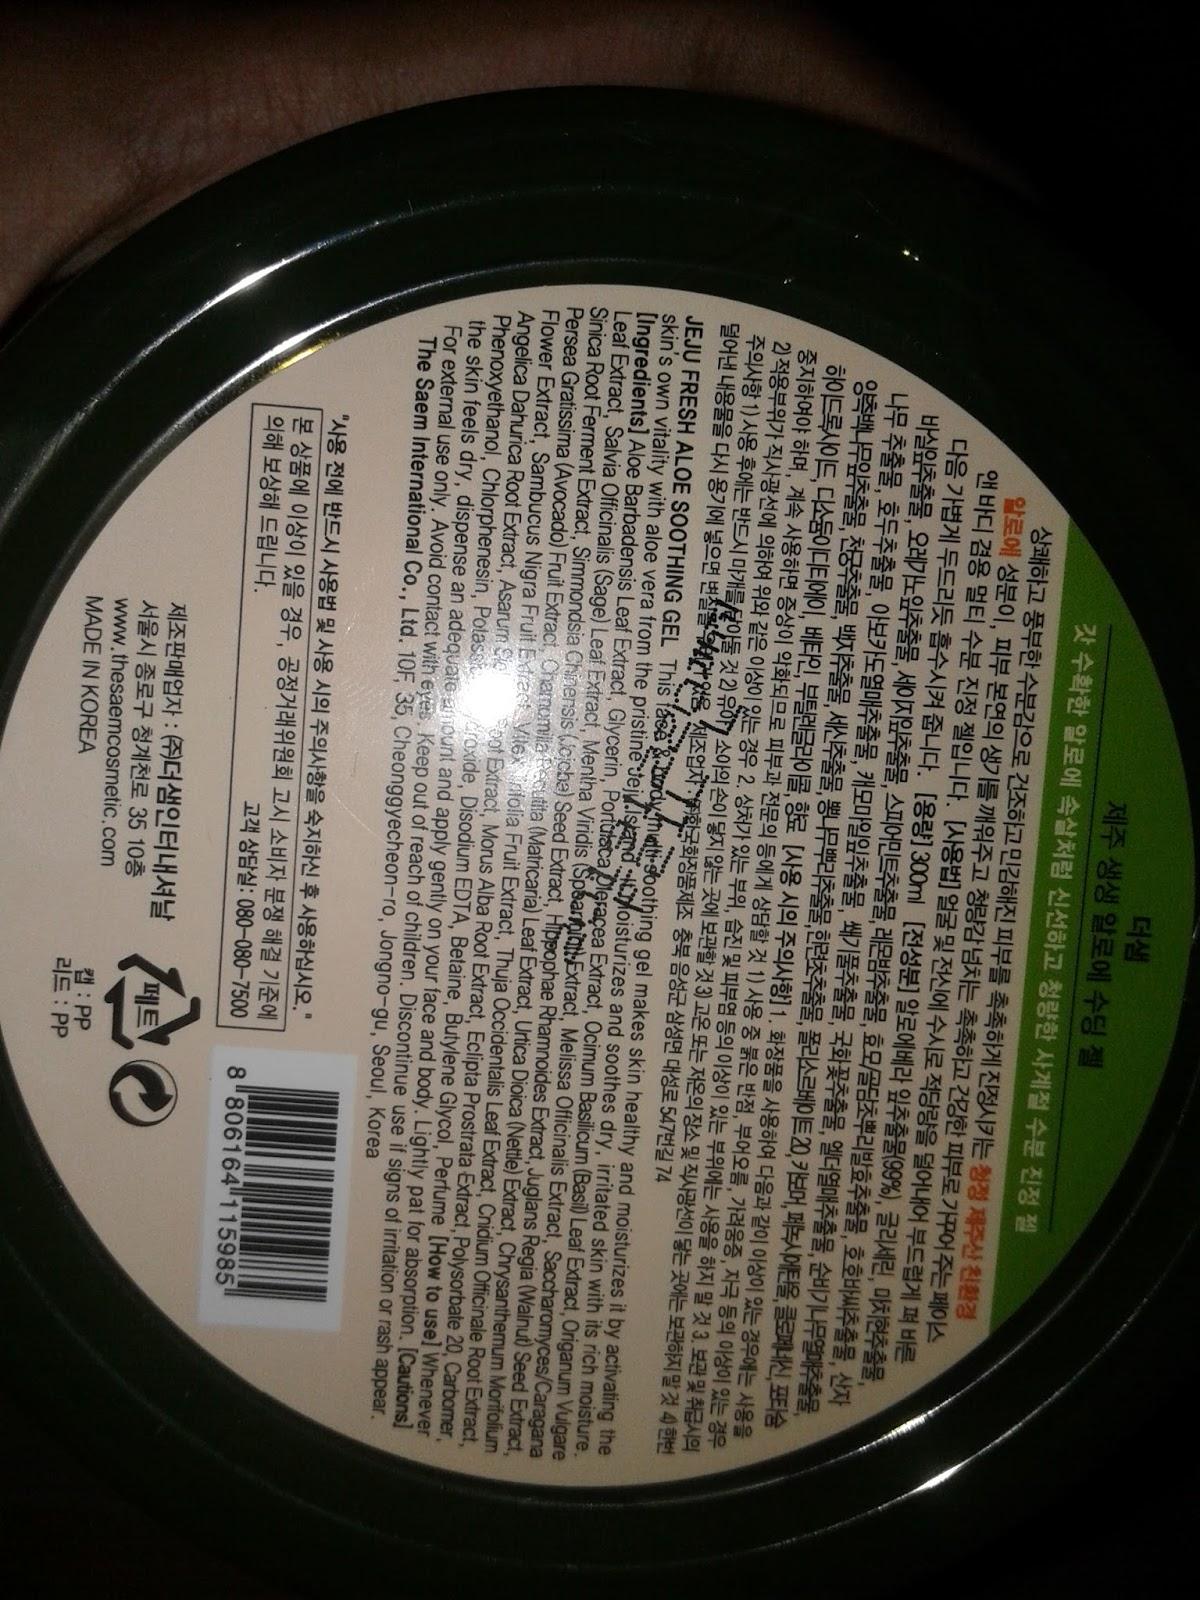 Review The Saem Jeju Fresh Aloe Vera Soothing Gel Shooting Dari Packaging Mirip Seperti Lainnya Dalam Ukuran 300ml Yang Udah Booming Kapan Tau Dan Gue Baru Punya Akhir Ini Emang